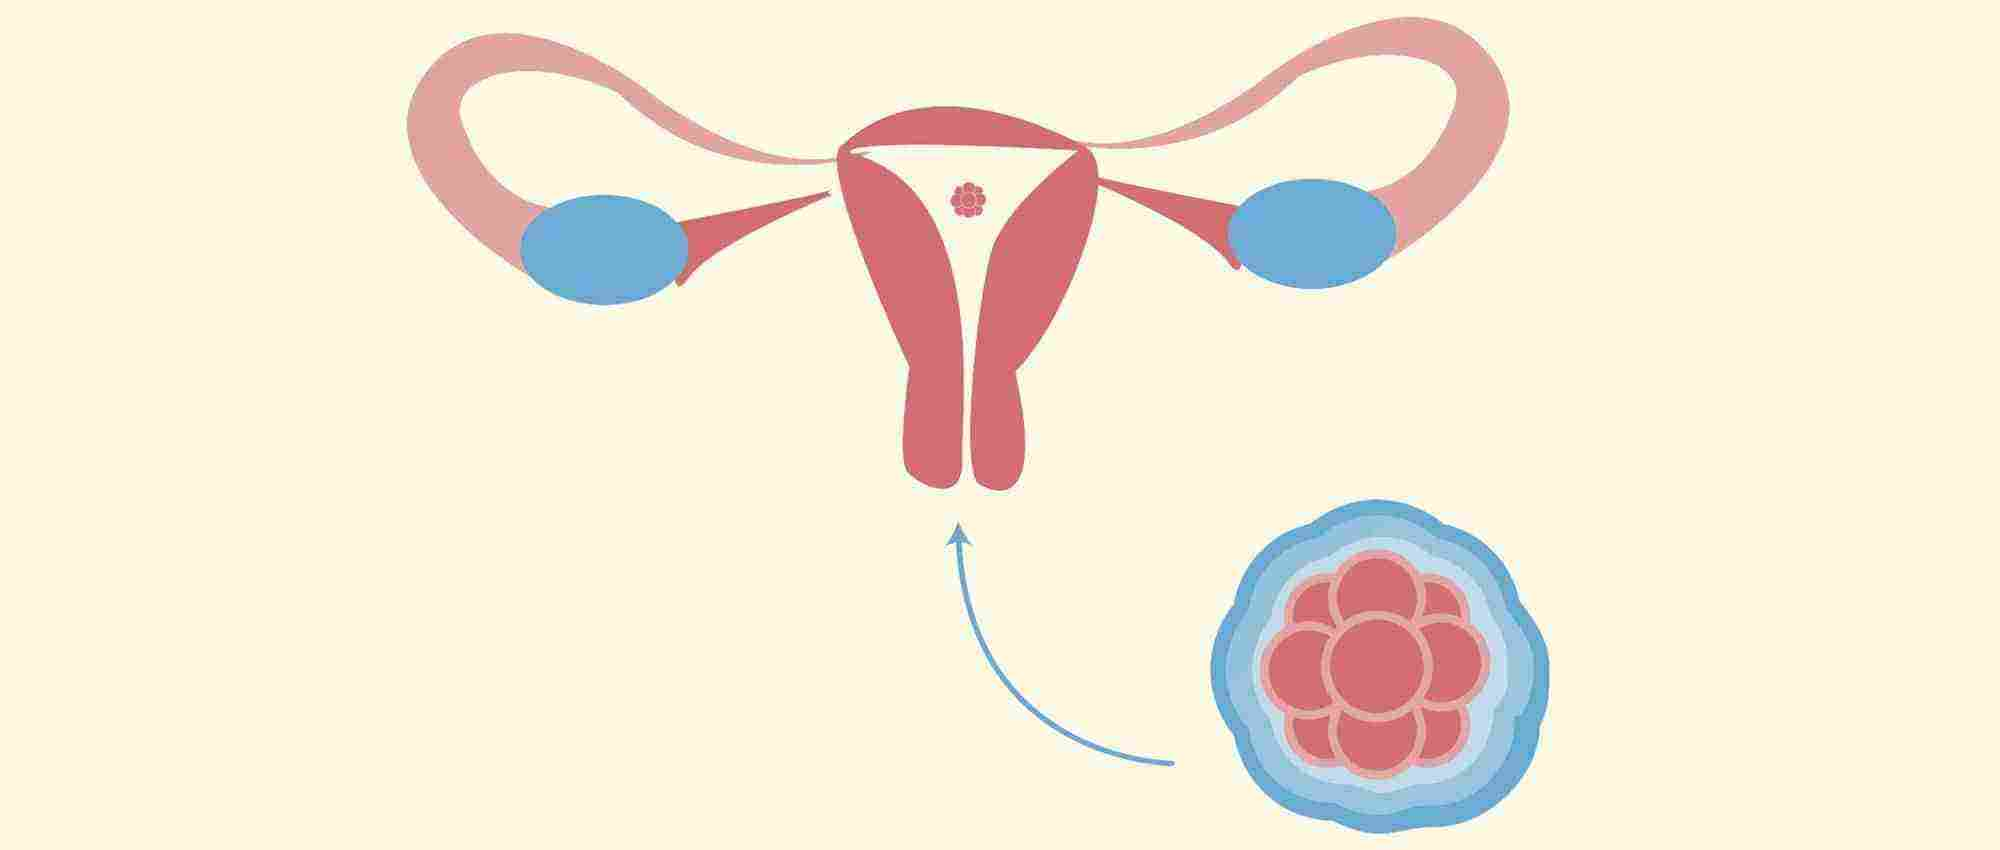 كم حجم البويضه للحمل بولد وما هو حجم البويضه الطبيعي لحدوث حمل زيادة